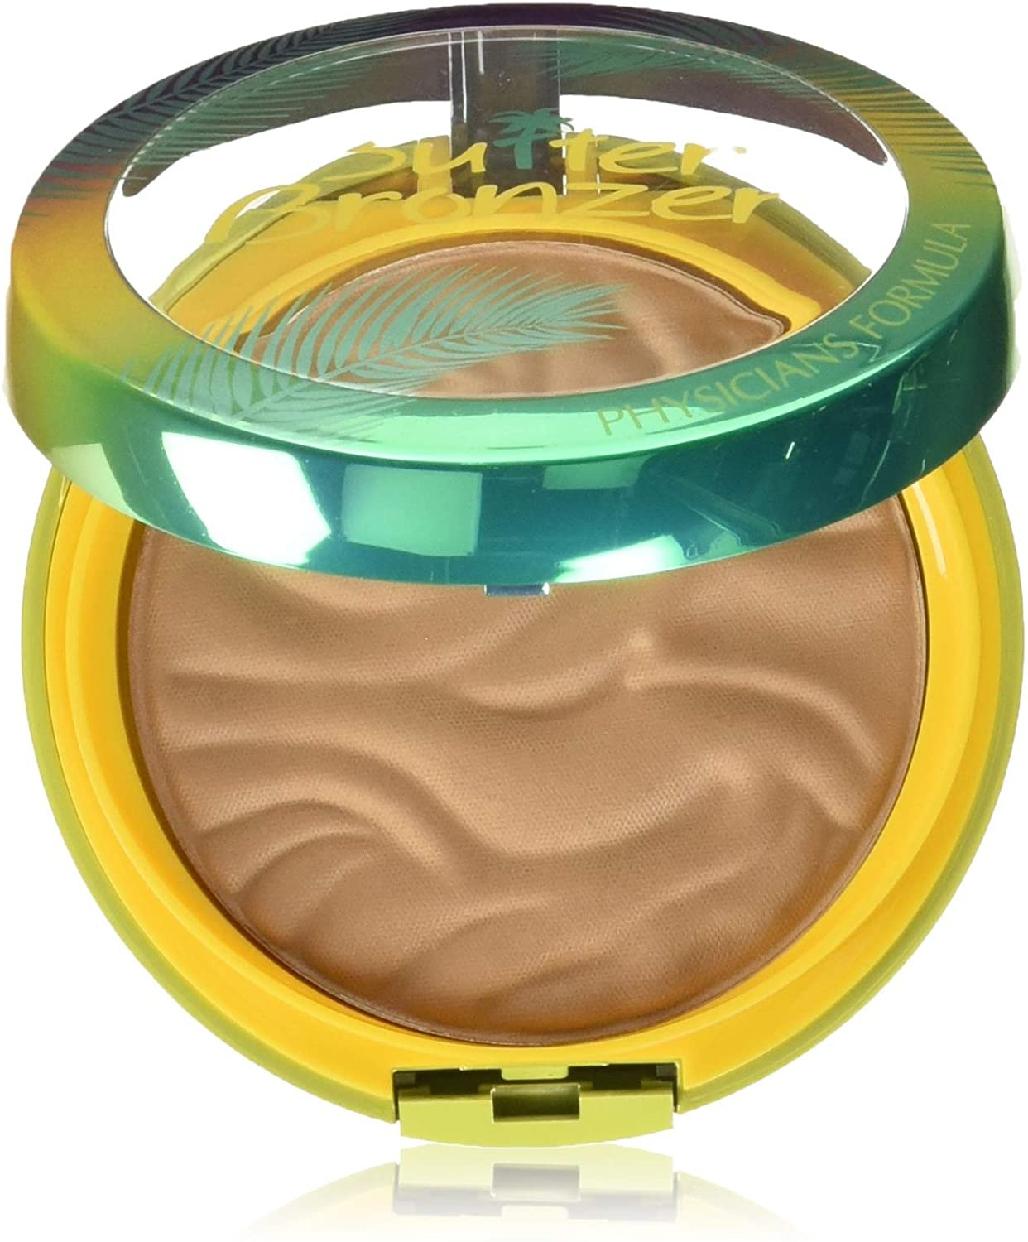 PHYSICIANS FORMULA(フィジシャンズフォーミュラ)MMバターブロンザーの商品画像2